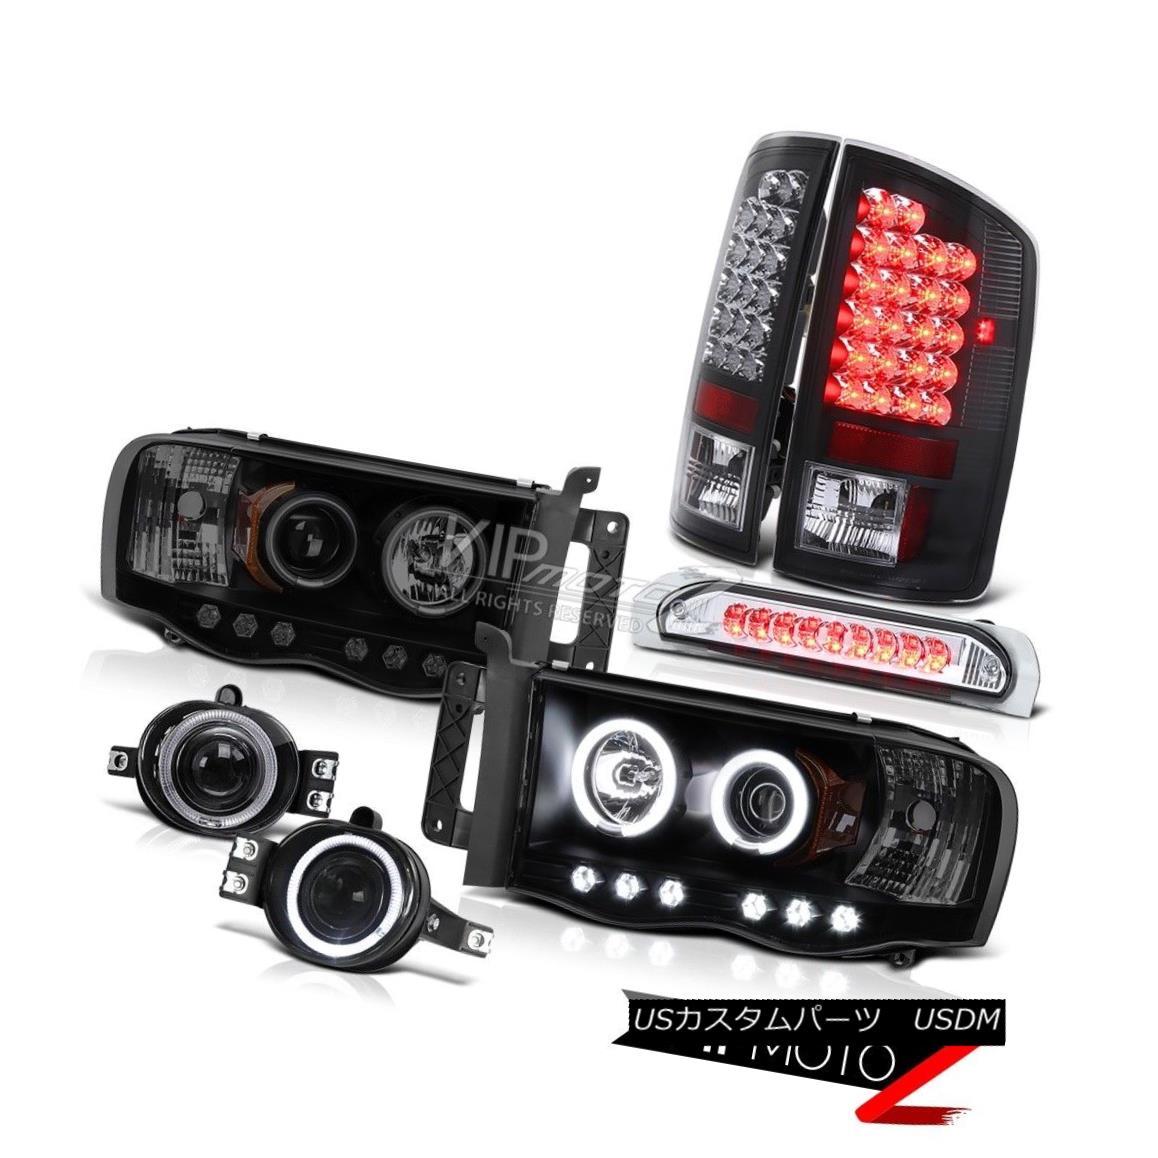 ヘッドライト 02-05 Ram Magnum V8 Quality CCFL Halo Headlight LED Black Taillamp Projector Fog 02-05ラムマグナムV8の品質CCFLハローヘッドライトLEDブラックタイアンランププロジェクターフォグ